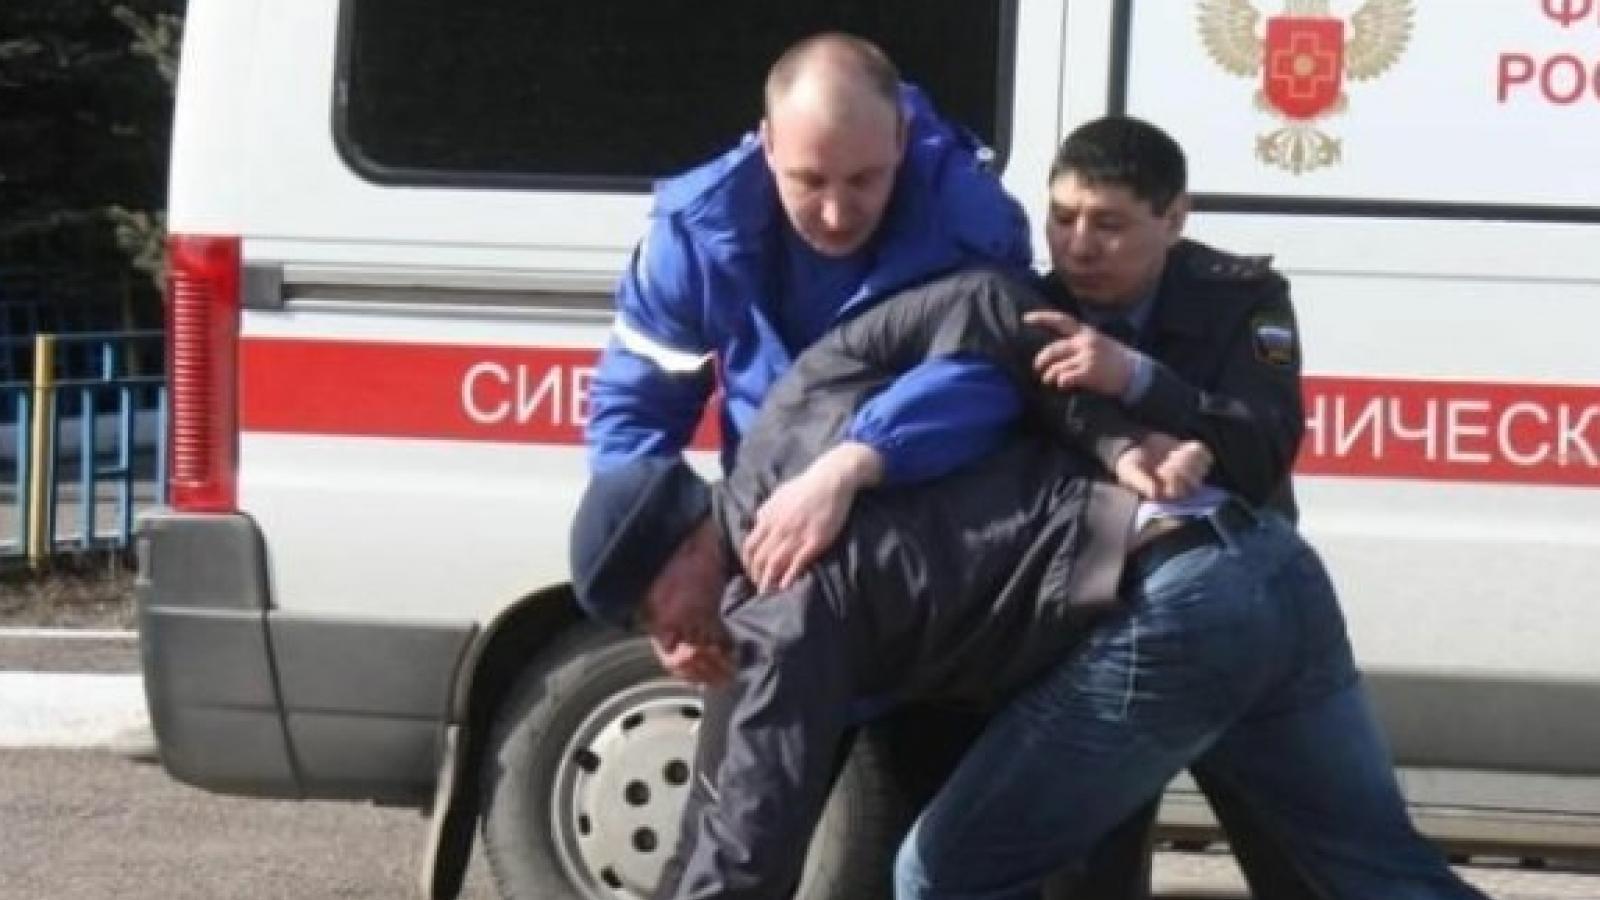 Неадекватного дебошира задержали в Вологде